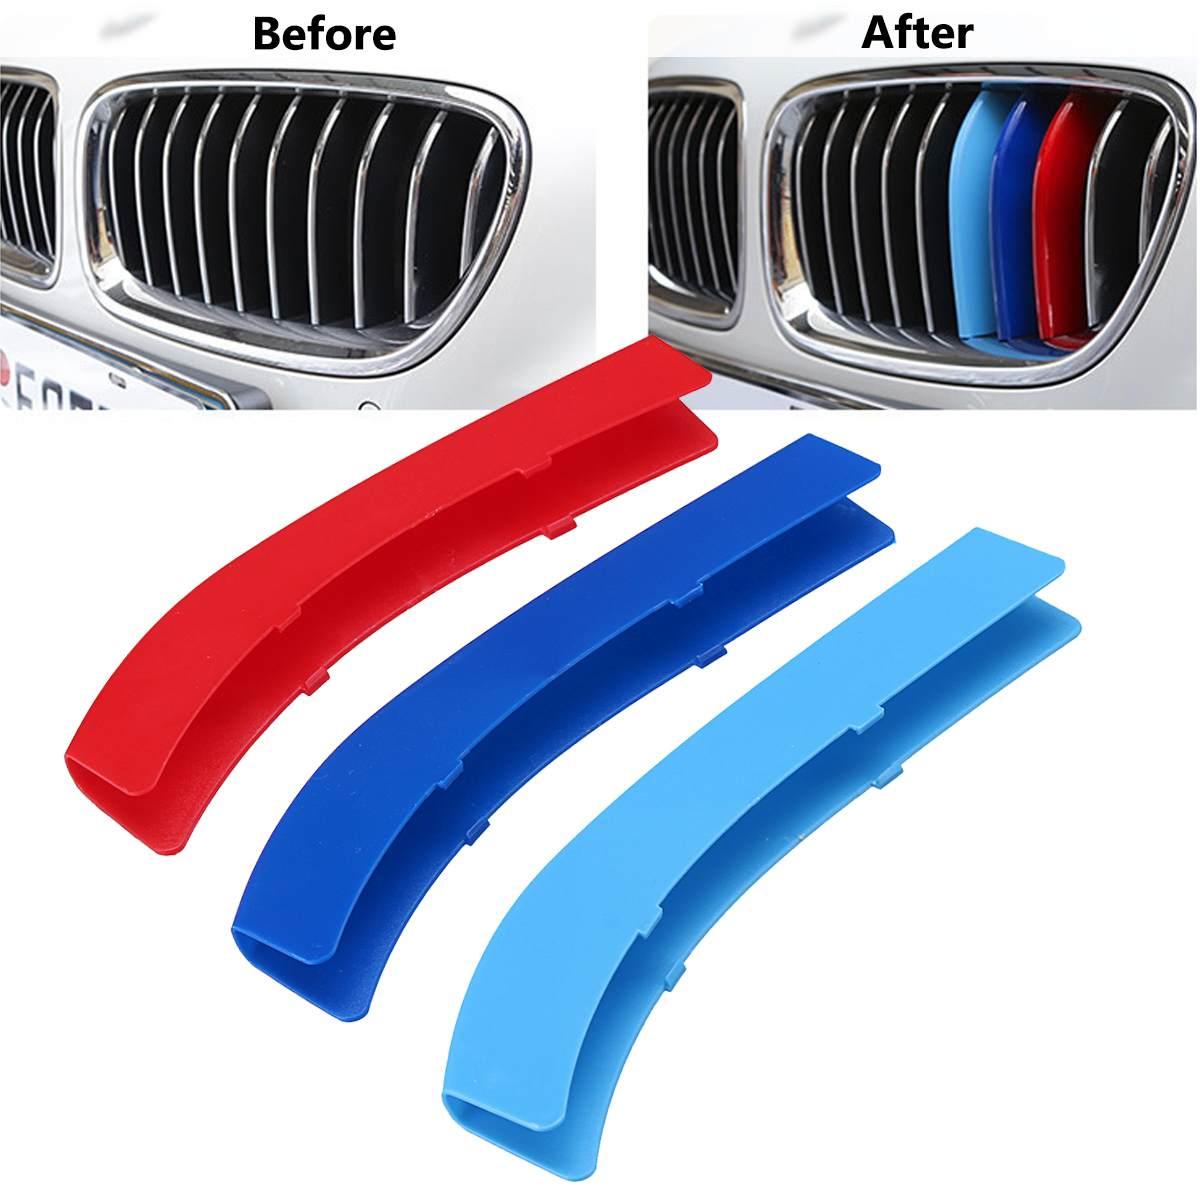 3pcs Car Grille สติกเกอร์สำหรับ BMW 1 3 5 Series F30 F31 X5 X6 E90 E91 f10 F11 F18 E60 E61 E70 E84 F48 F20 F21